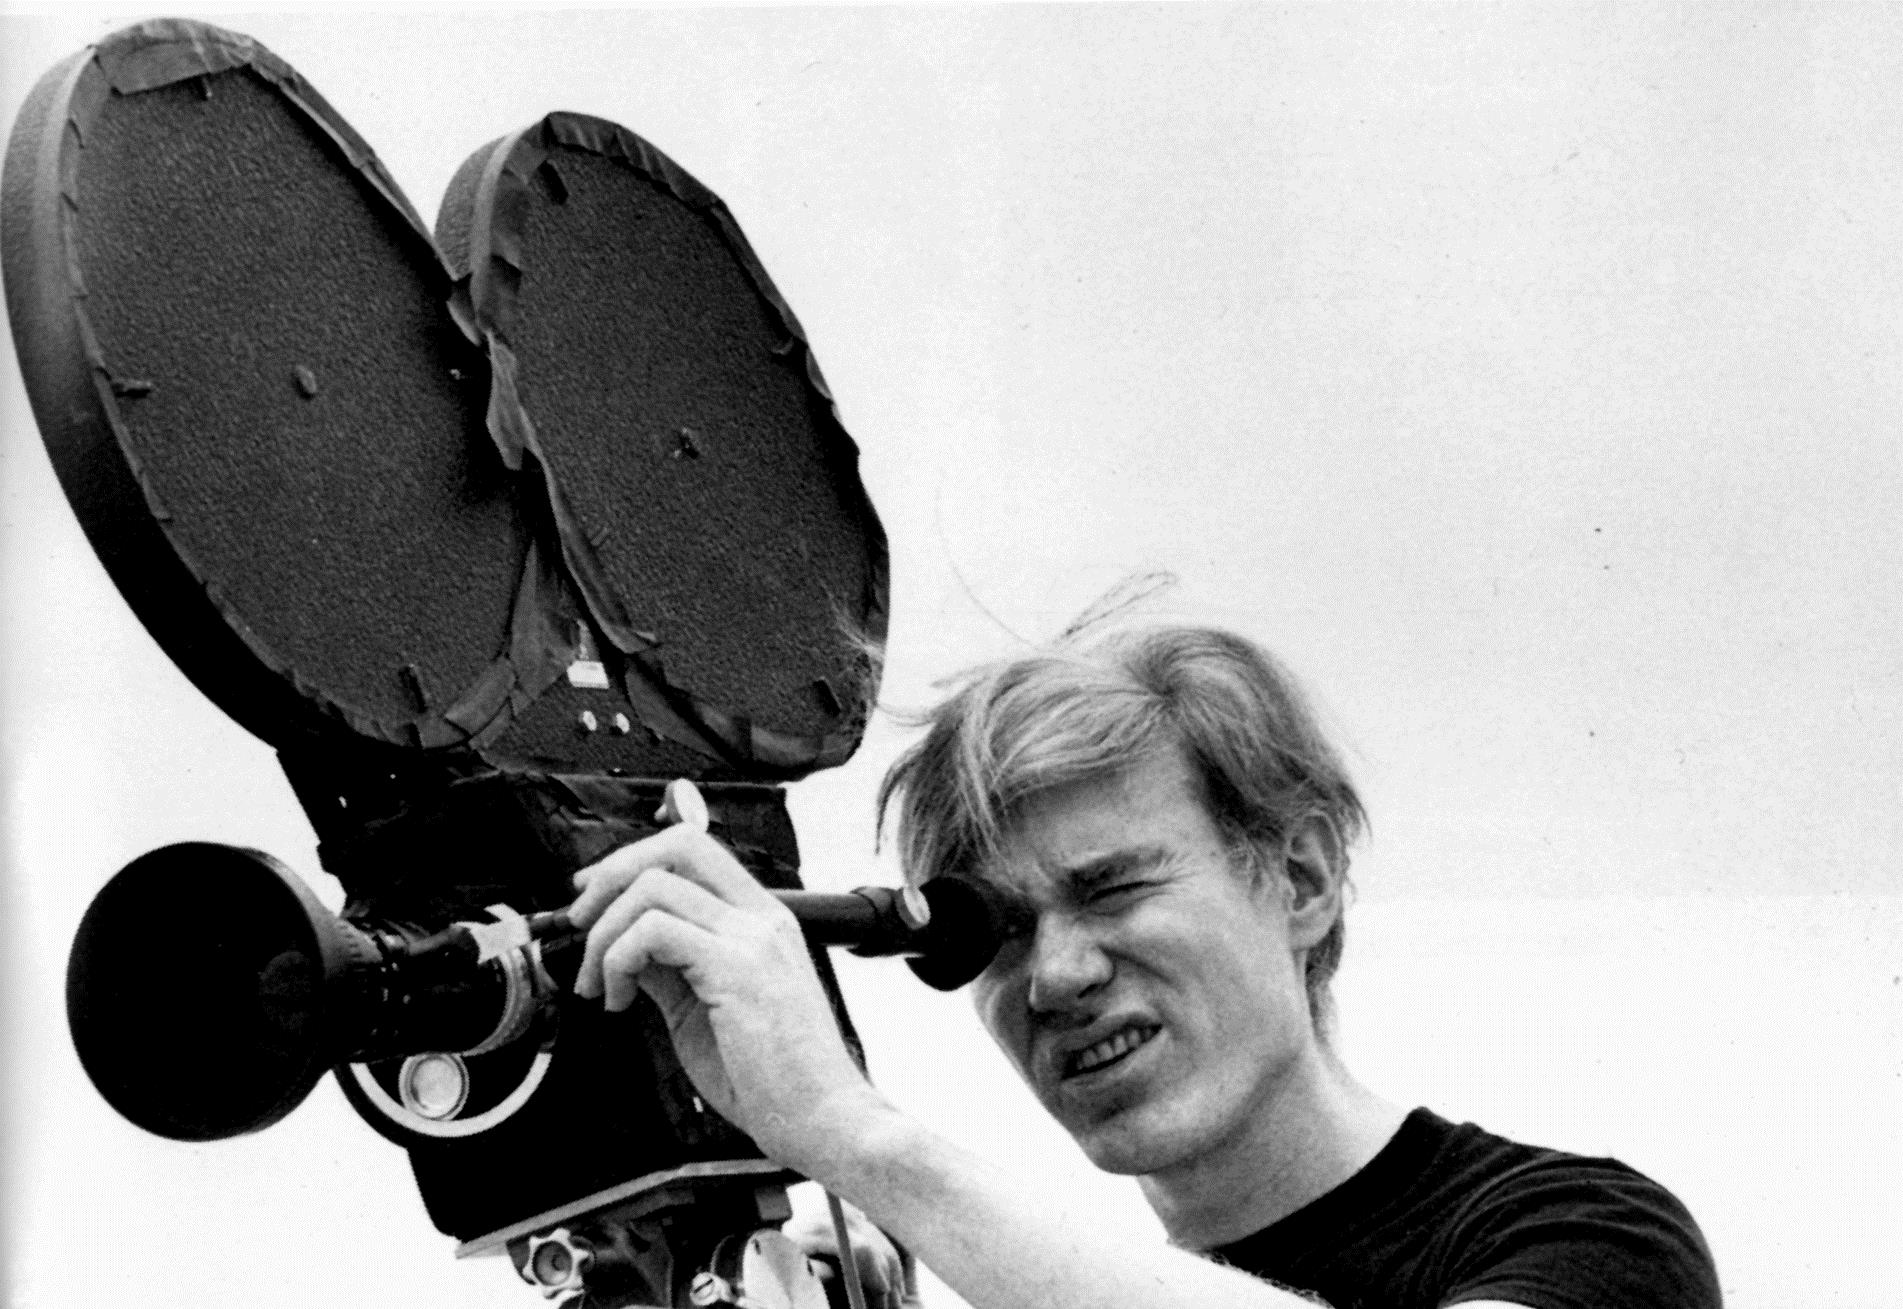 PÚBLICO - A morte de Warhol poderá ter sido menos inexplicável do que julgávamos